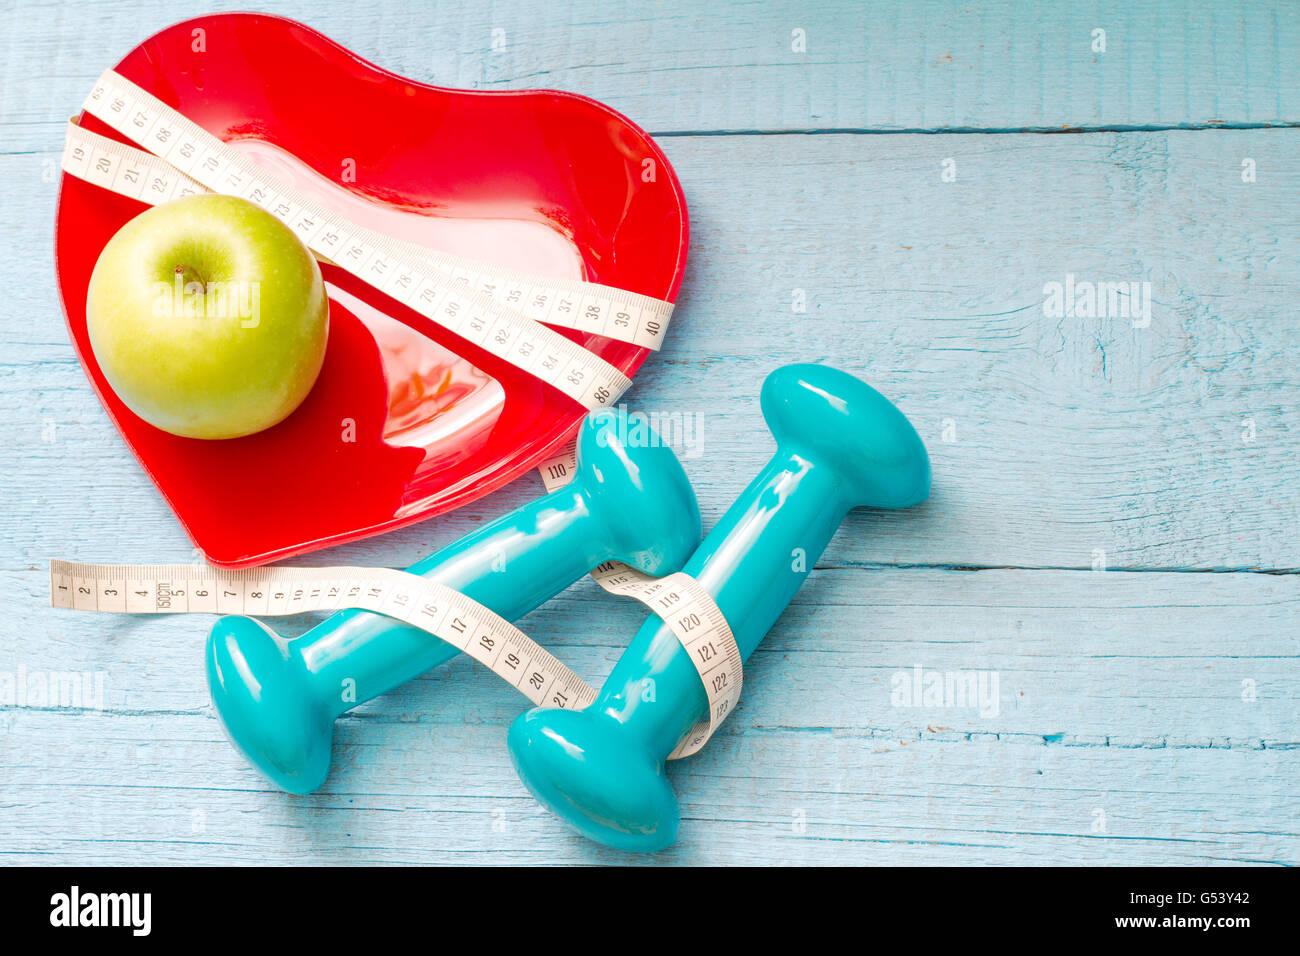 Montare e salute concetto astratto con cuore rosso piastra di legno su sfondo blu Immagini Stock